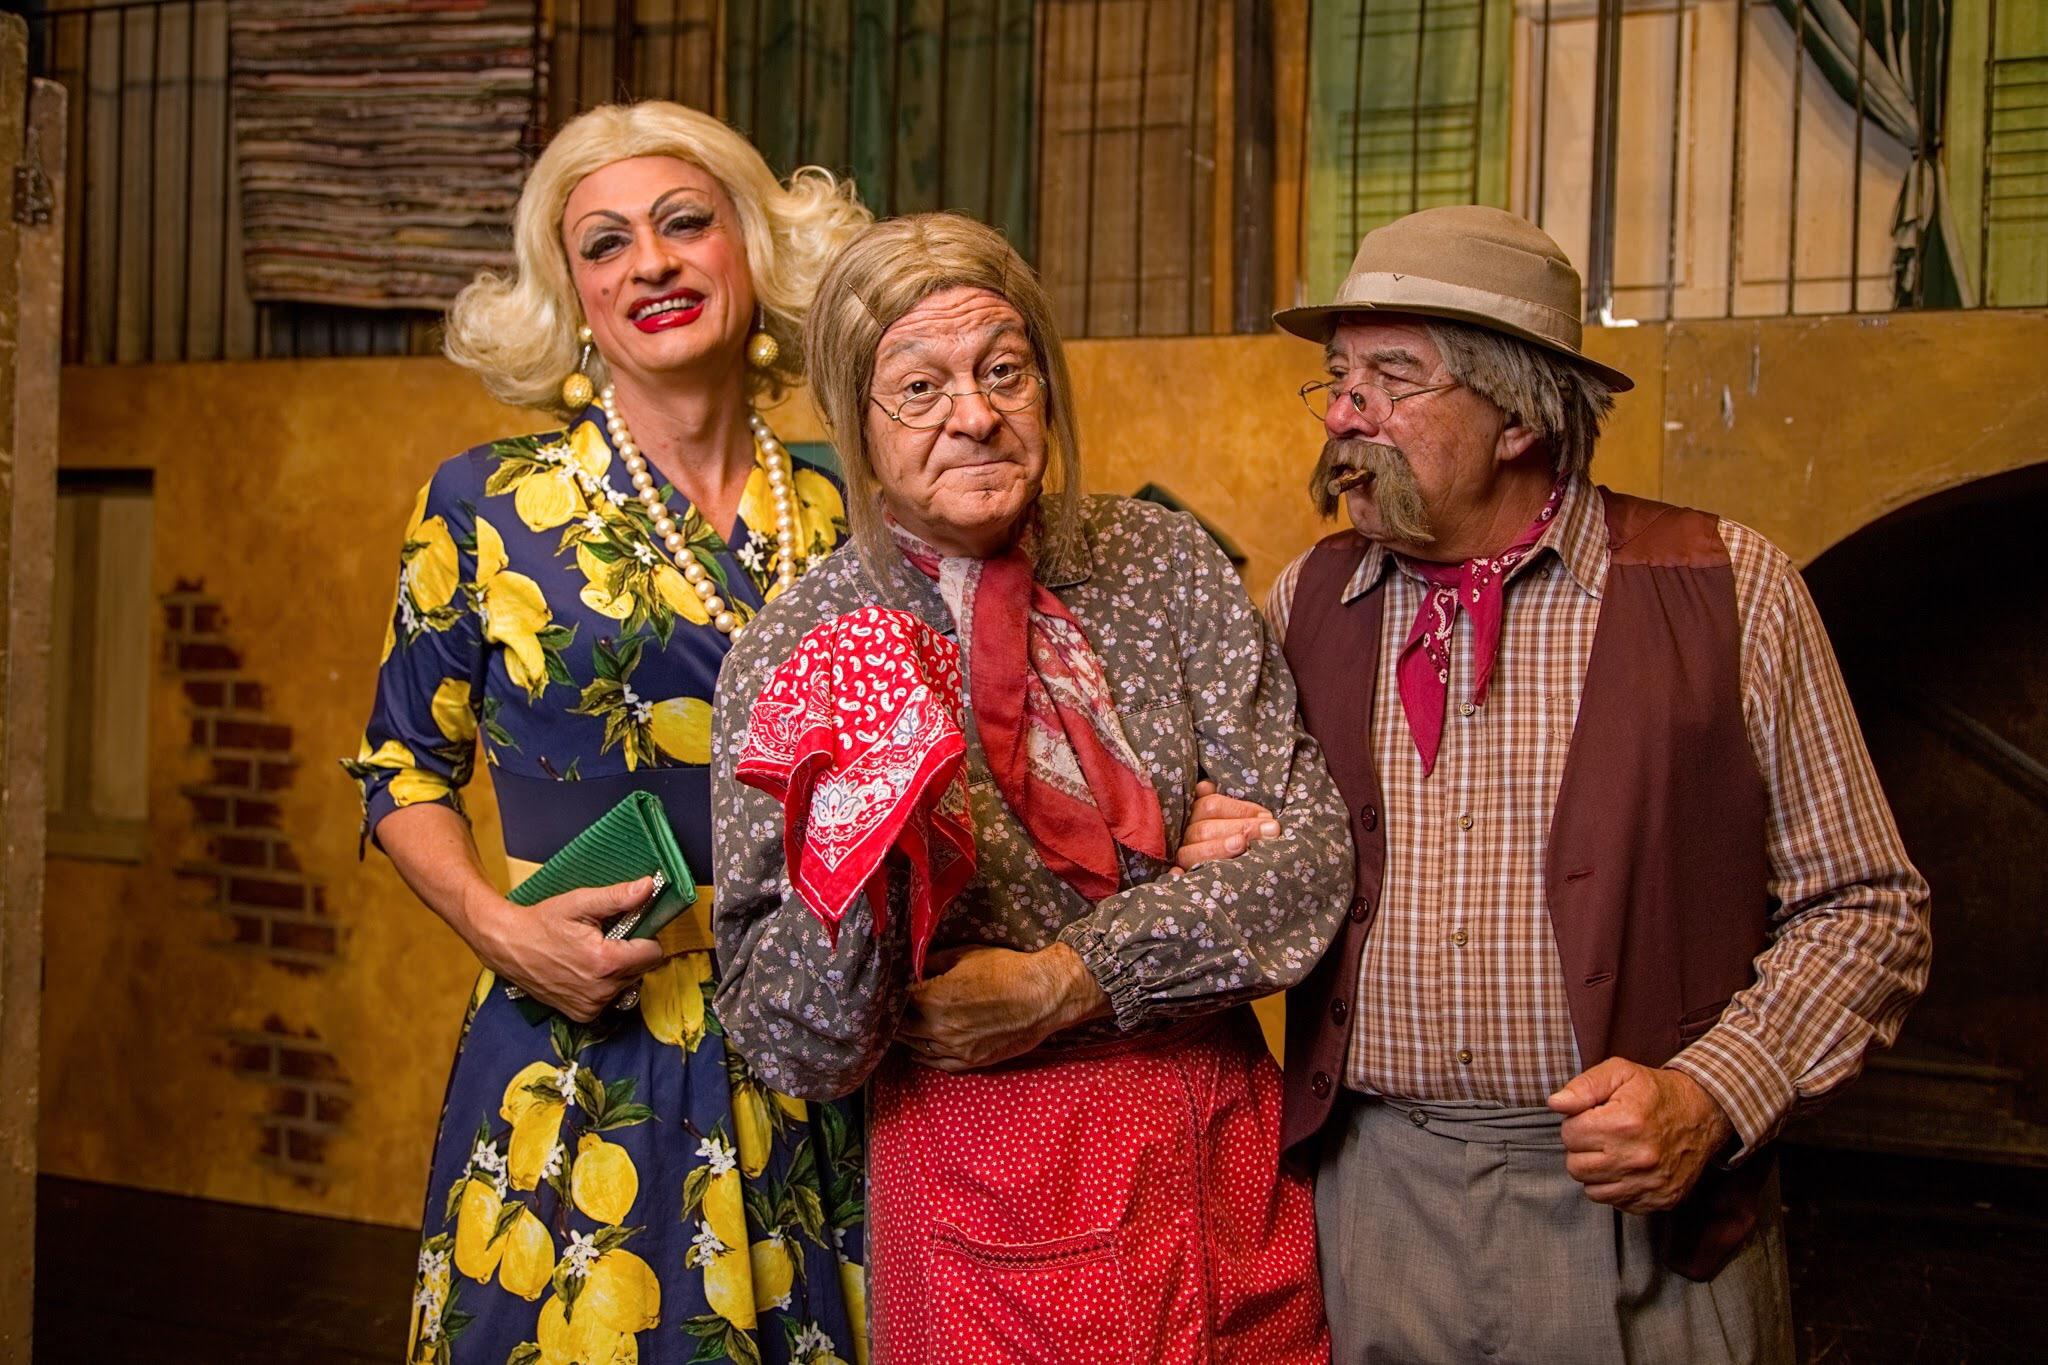 70 voglia di ridere c'è | I Legnanesi - Teatro Duse Bologna